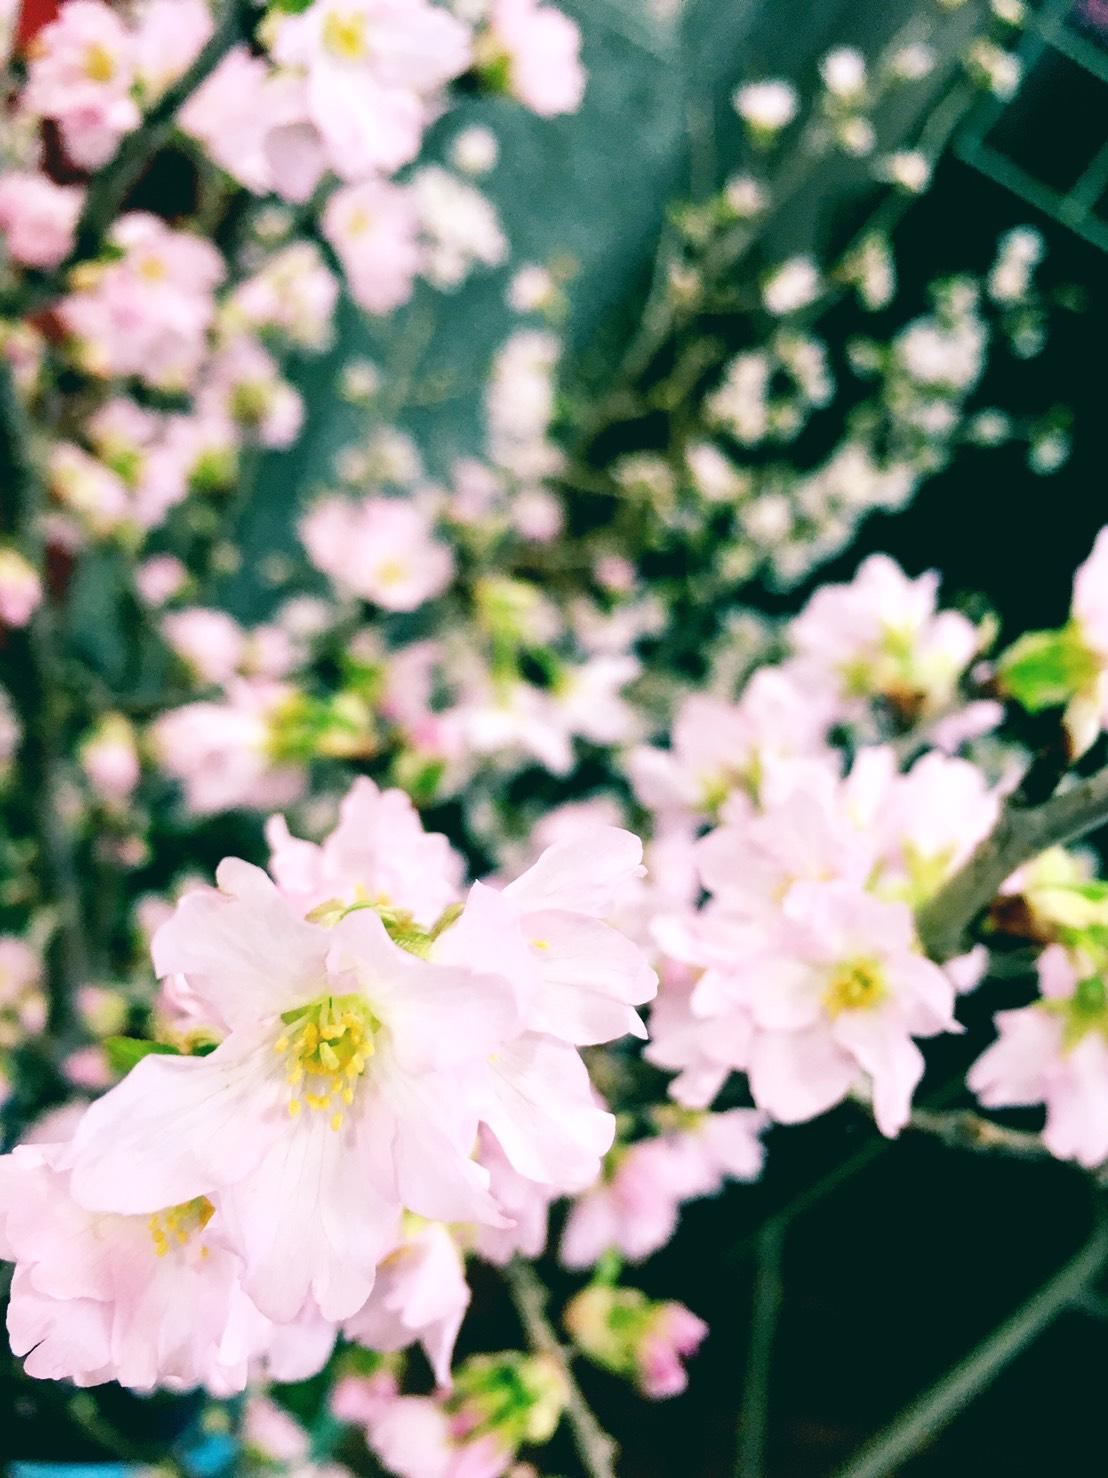 冬季也开花!山形特有植物启翁樱